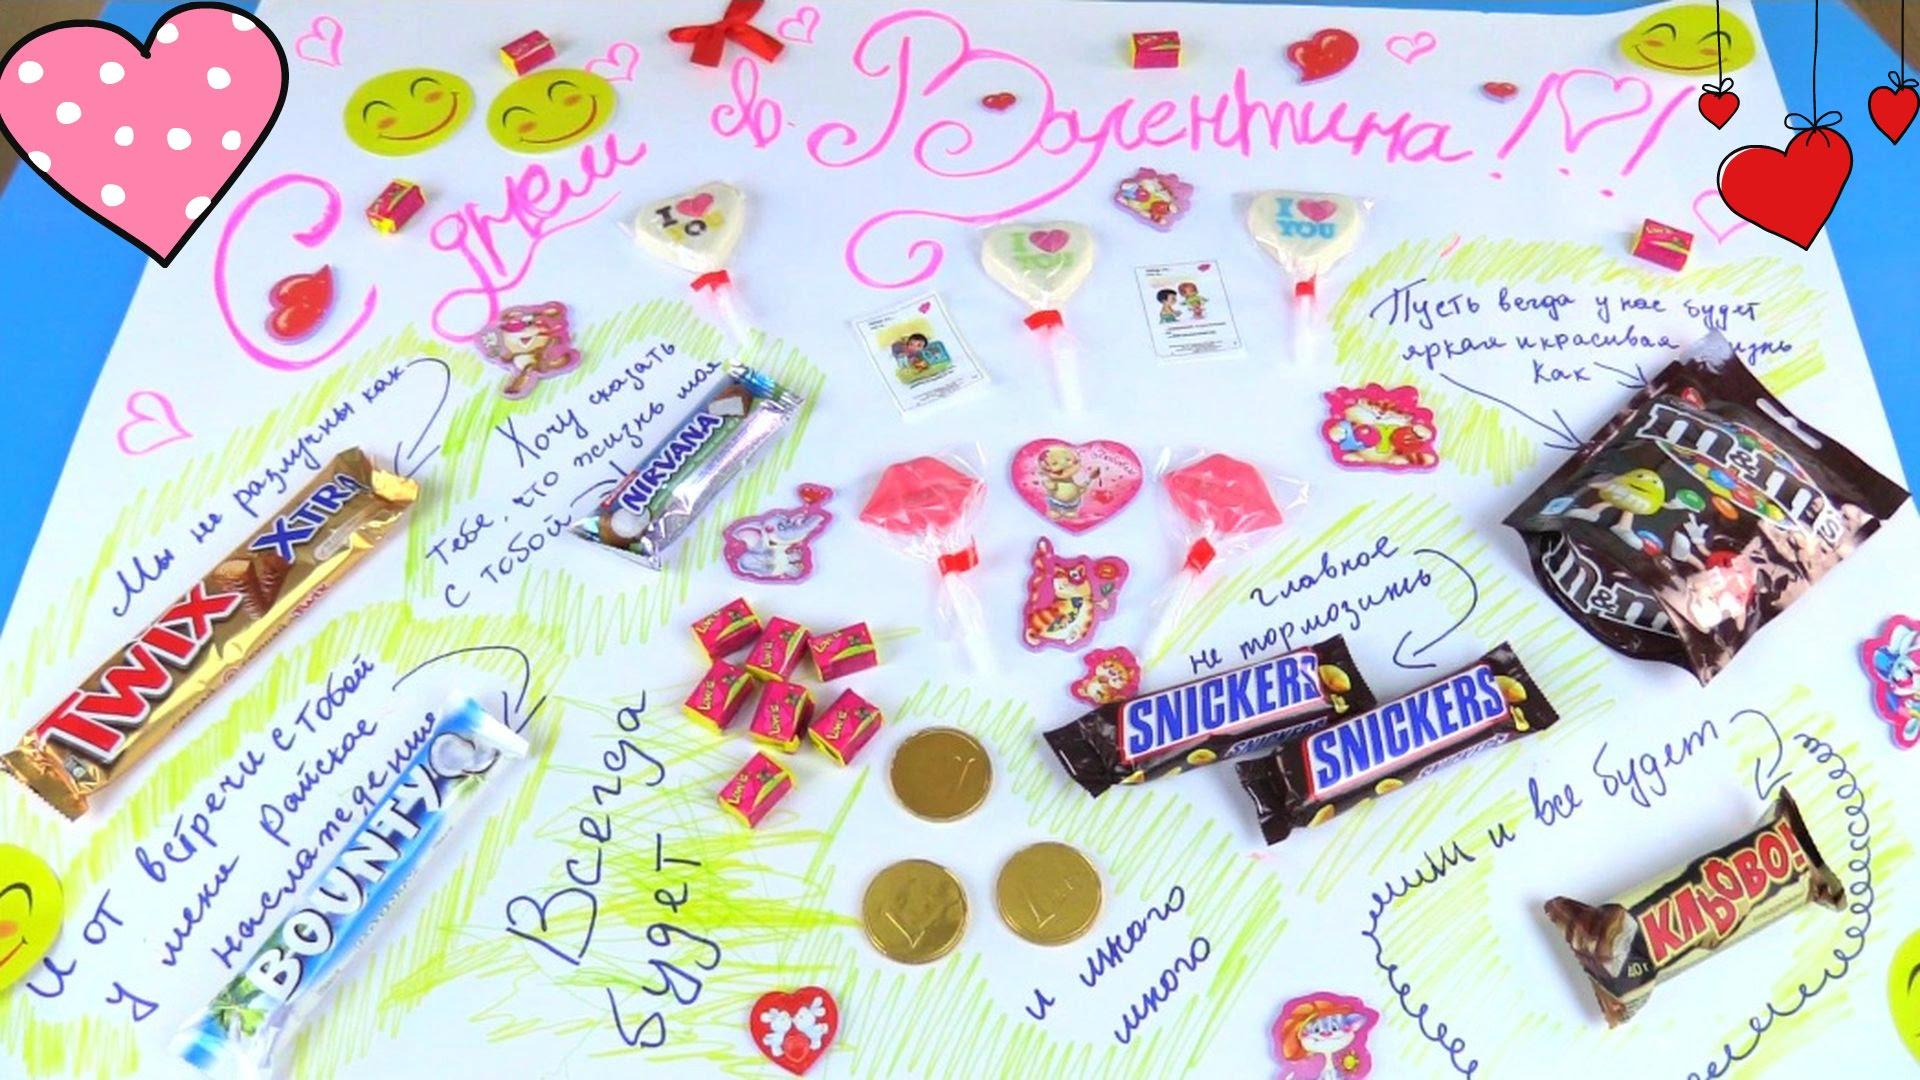 Открытки с днем рождения своими руками из конфет, для мужа